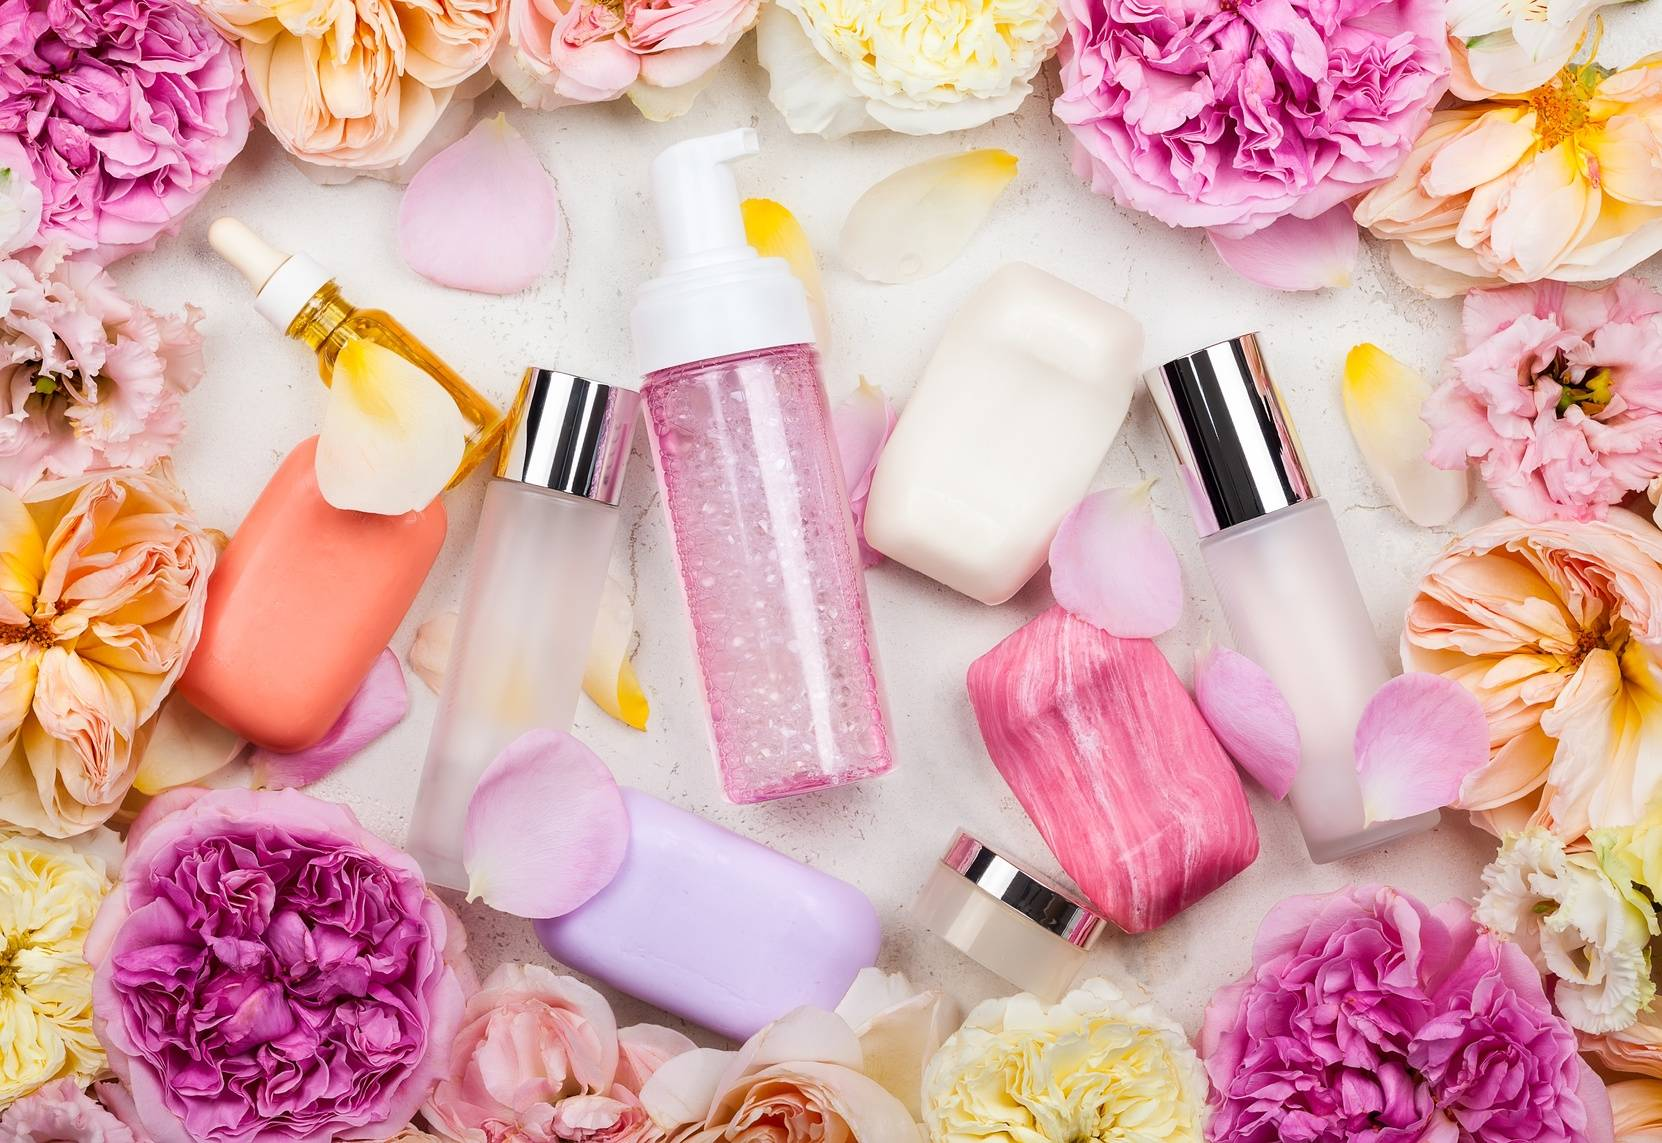 Konserwanty i zapachy w kosmetykach - czy są niebezpieczne dla zdrowia?